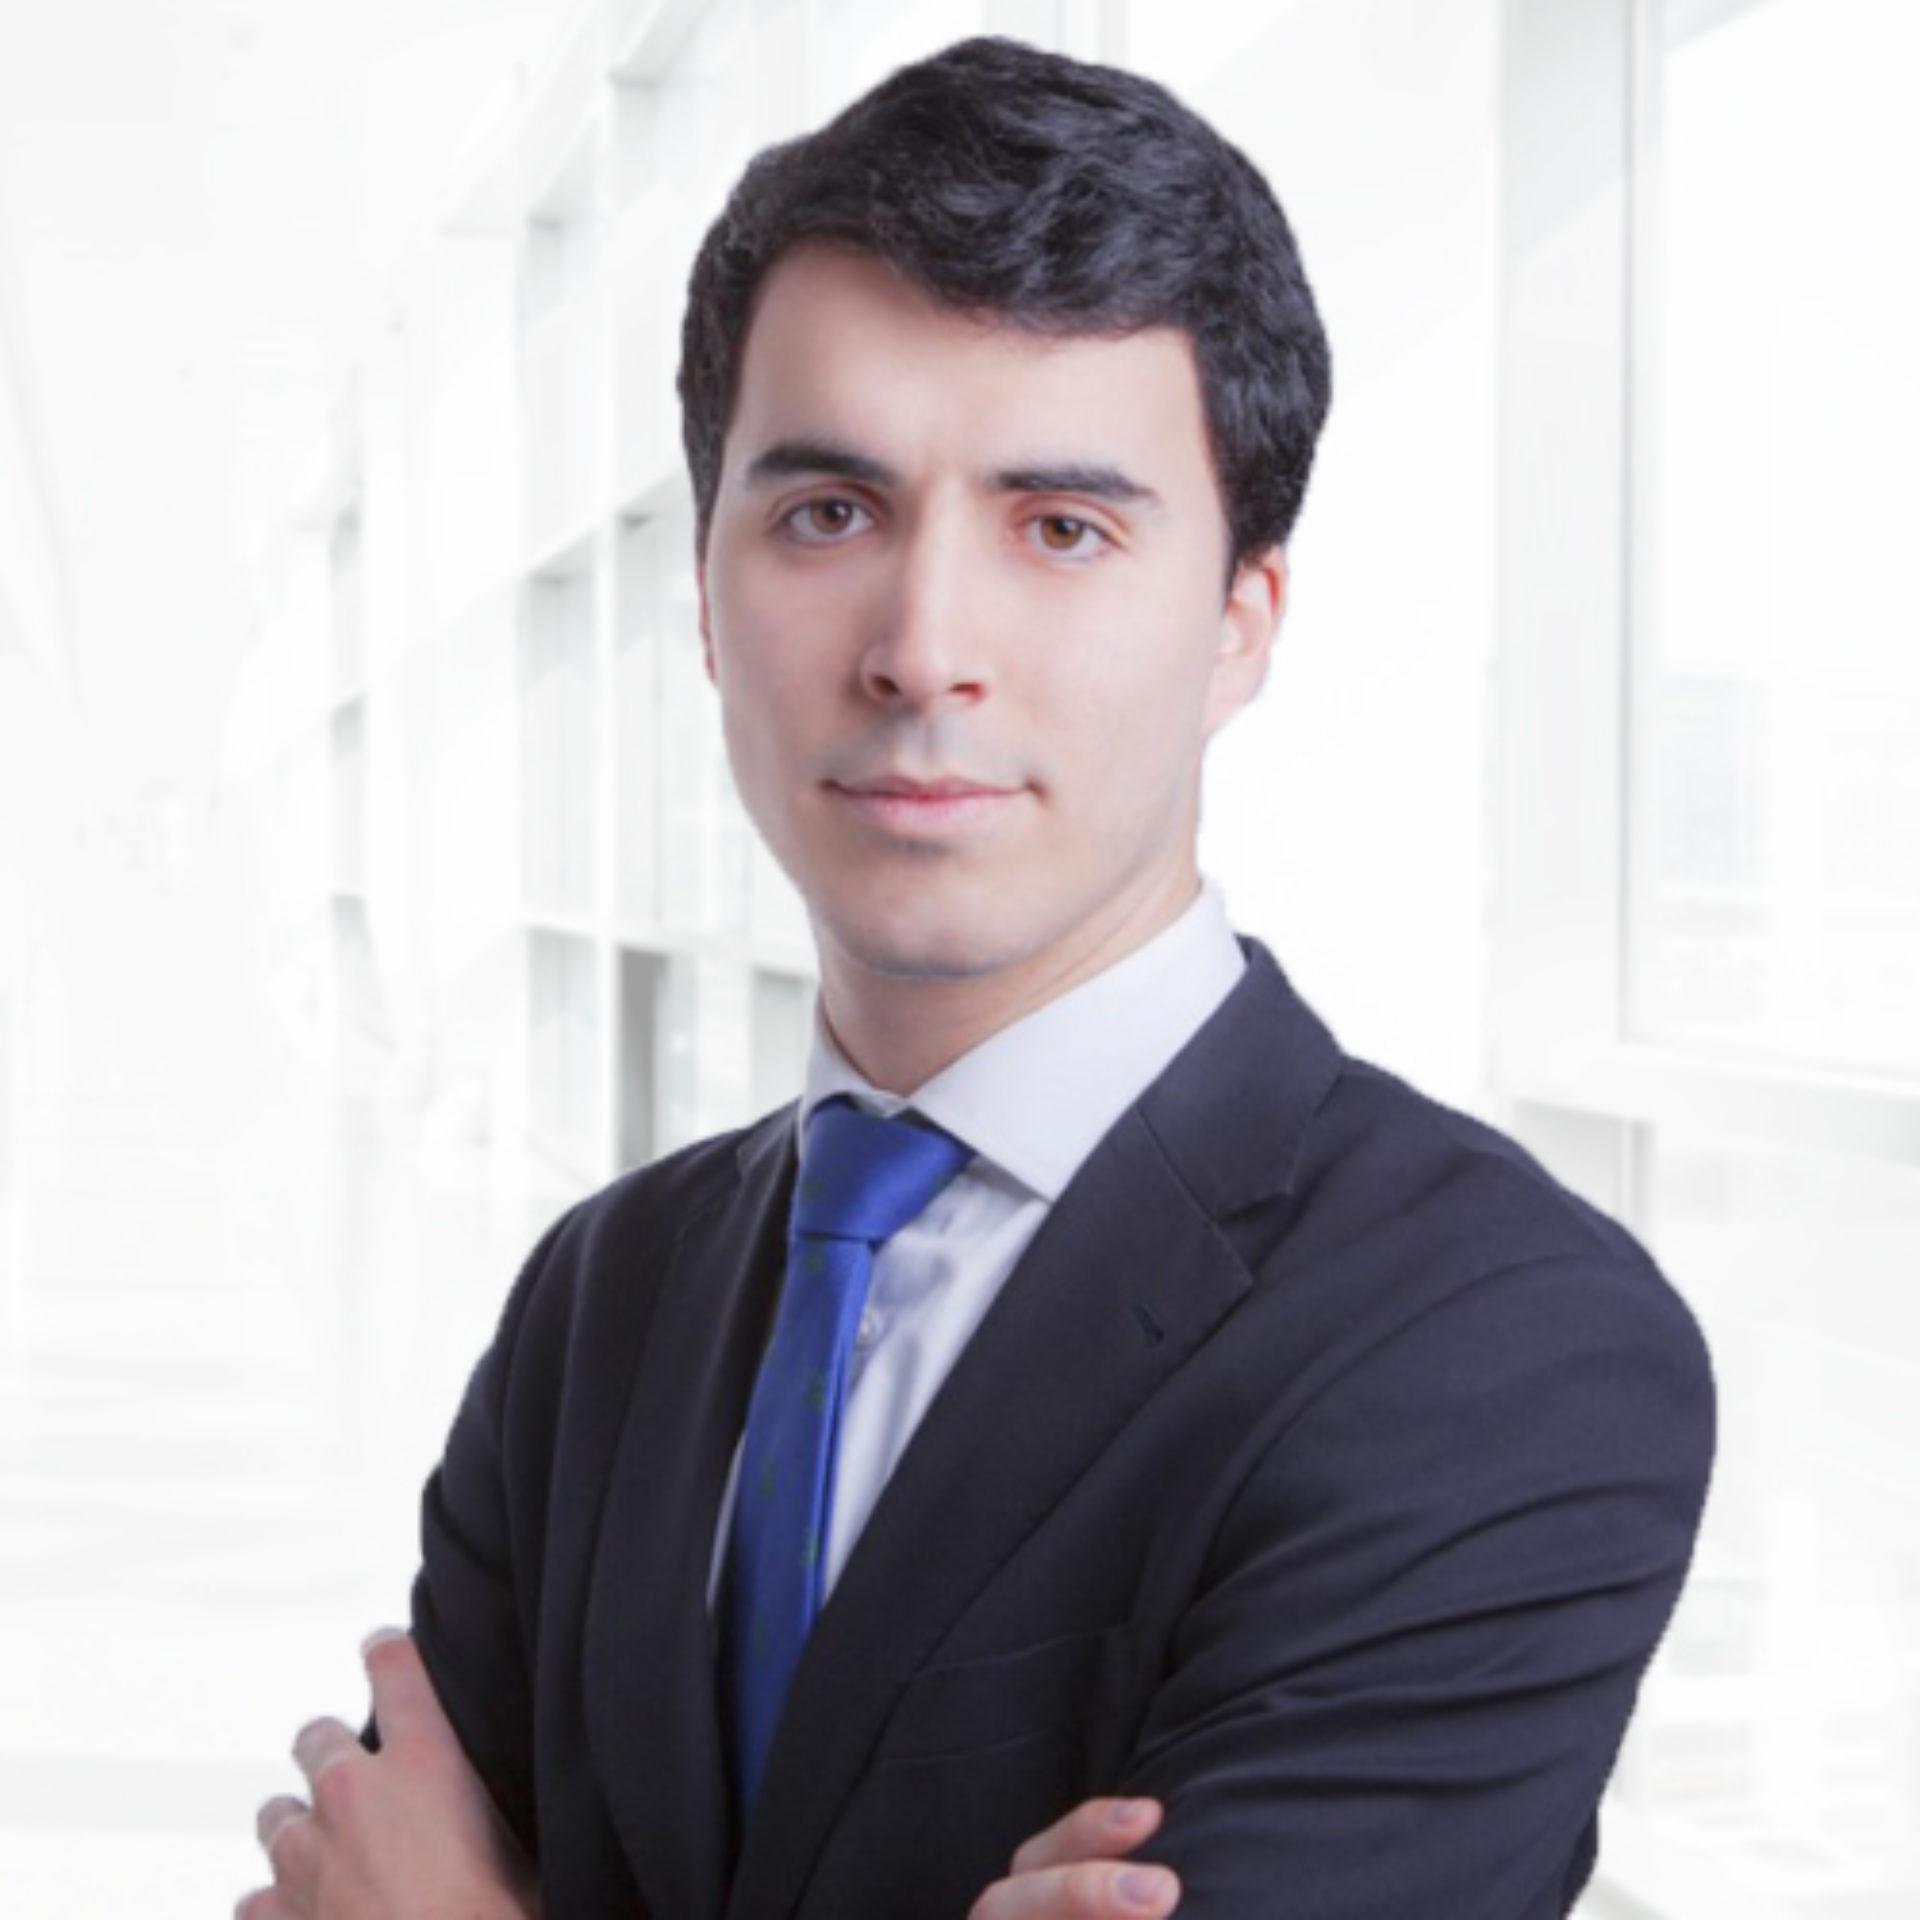 Photo of Ignacio Iglesias de Ussel